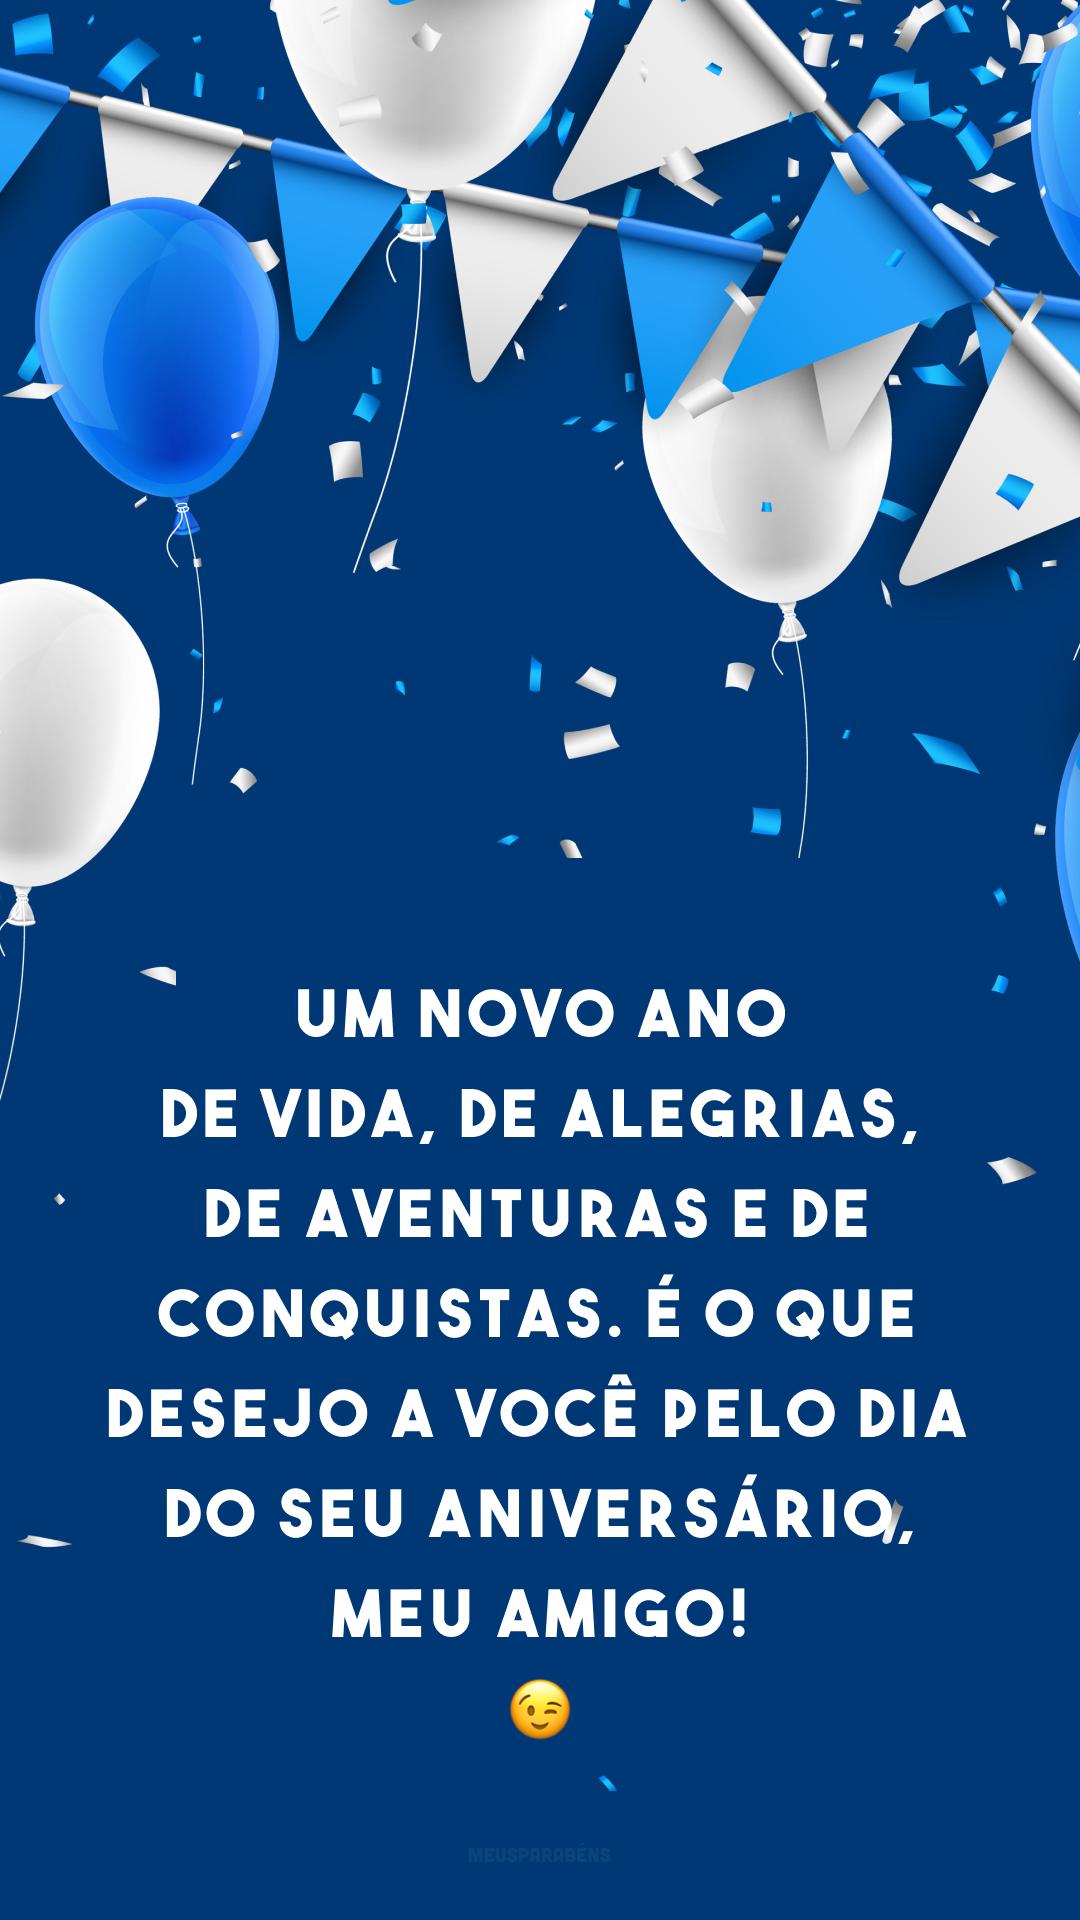 Um novo ano de vida, de alegrias, de aventuras e de conquistas. É o que desejo a você pelo dia do seu aniversário, meu amigo! 😉